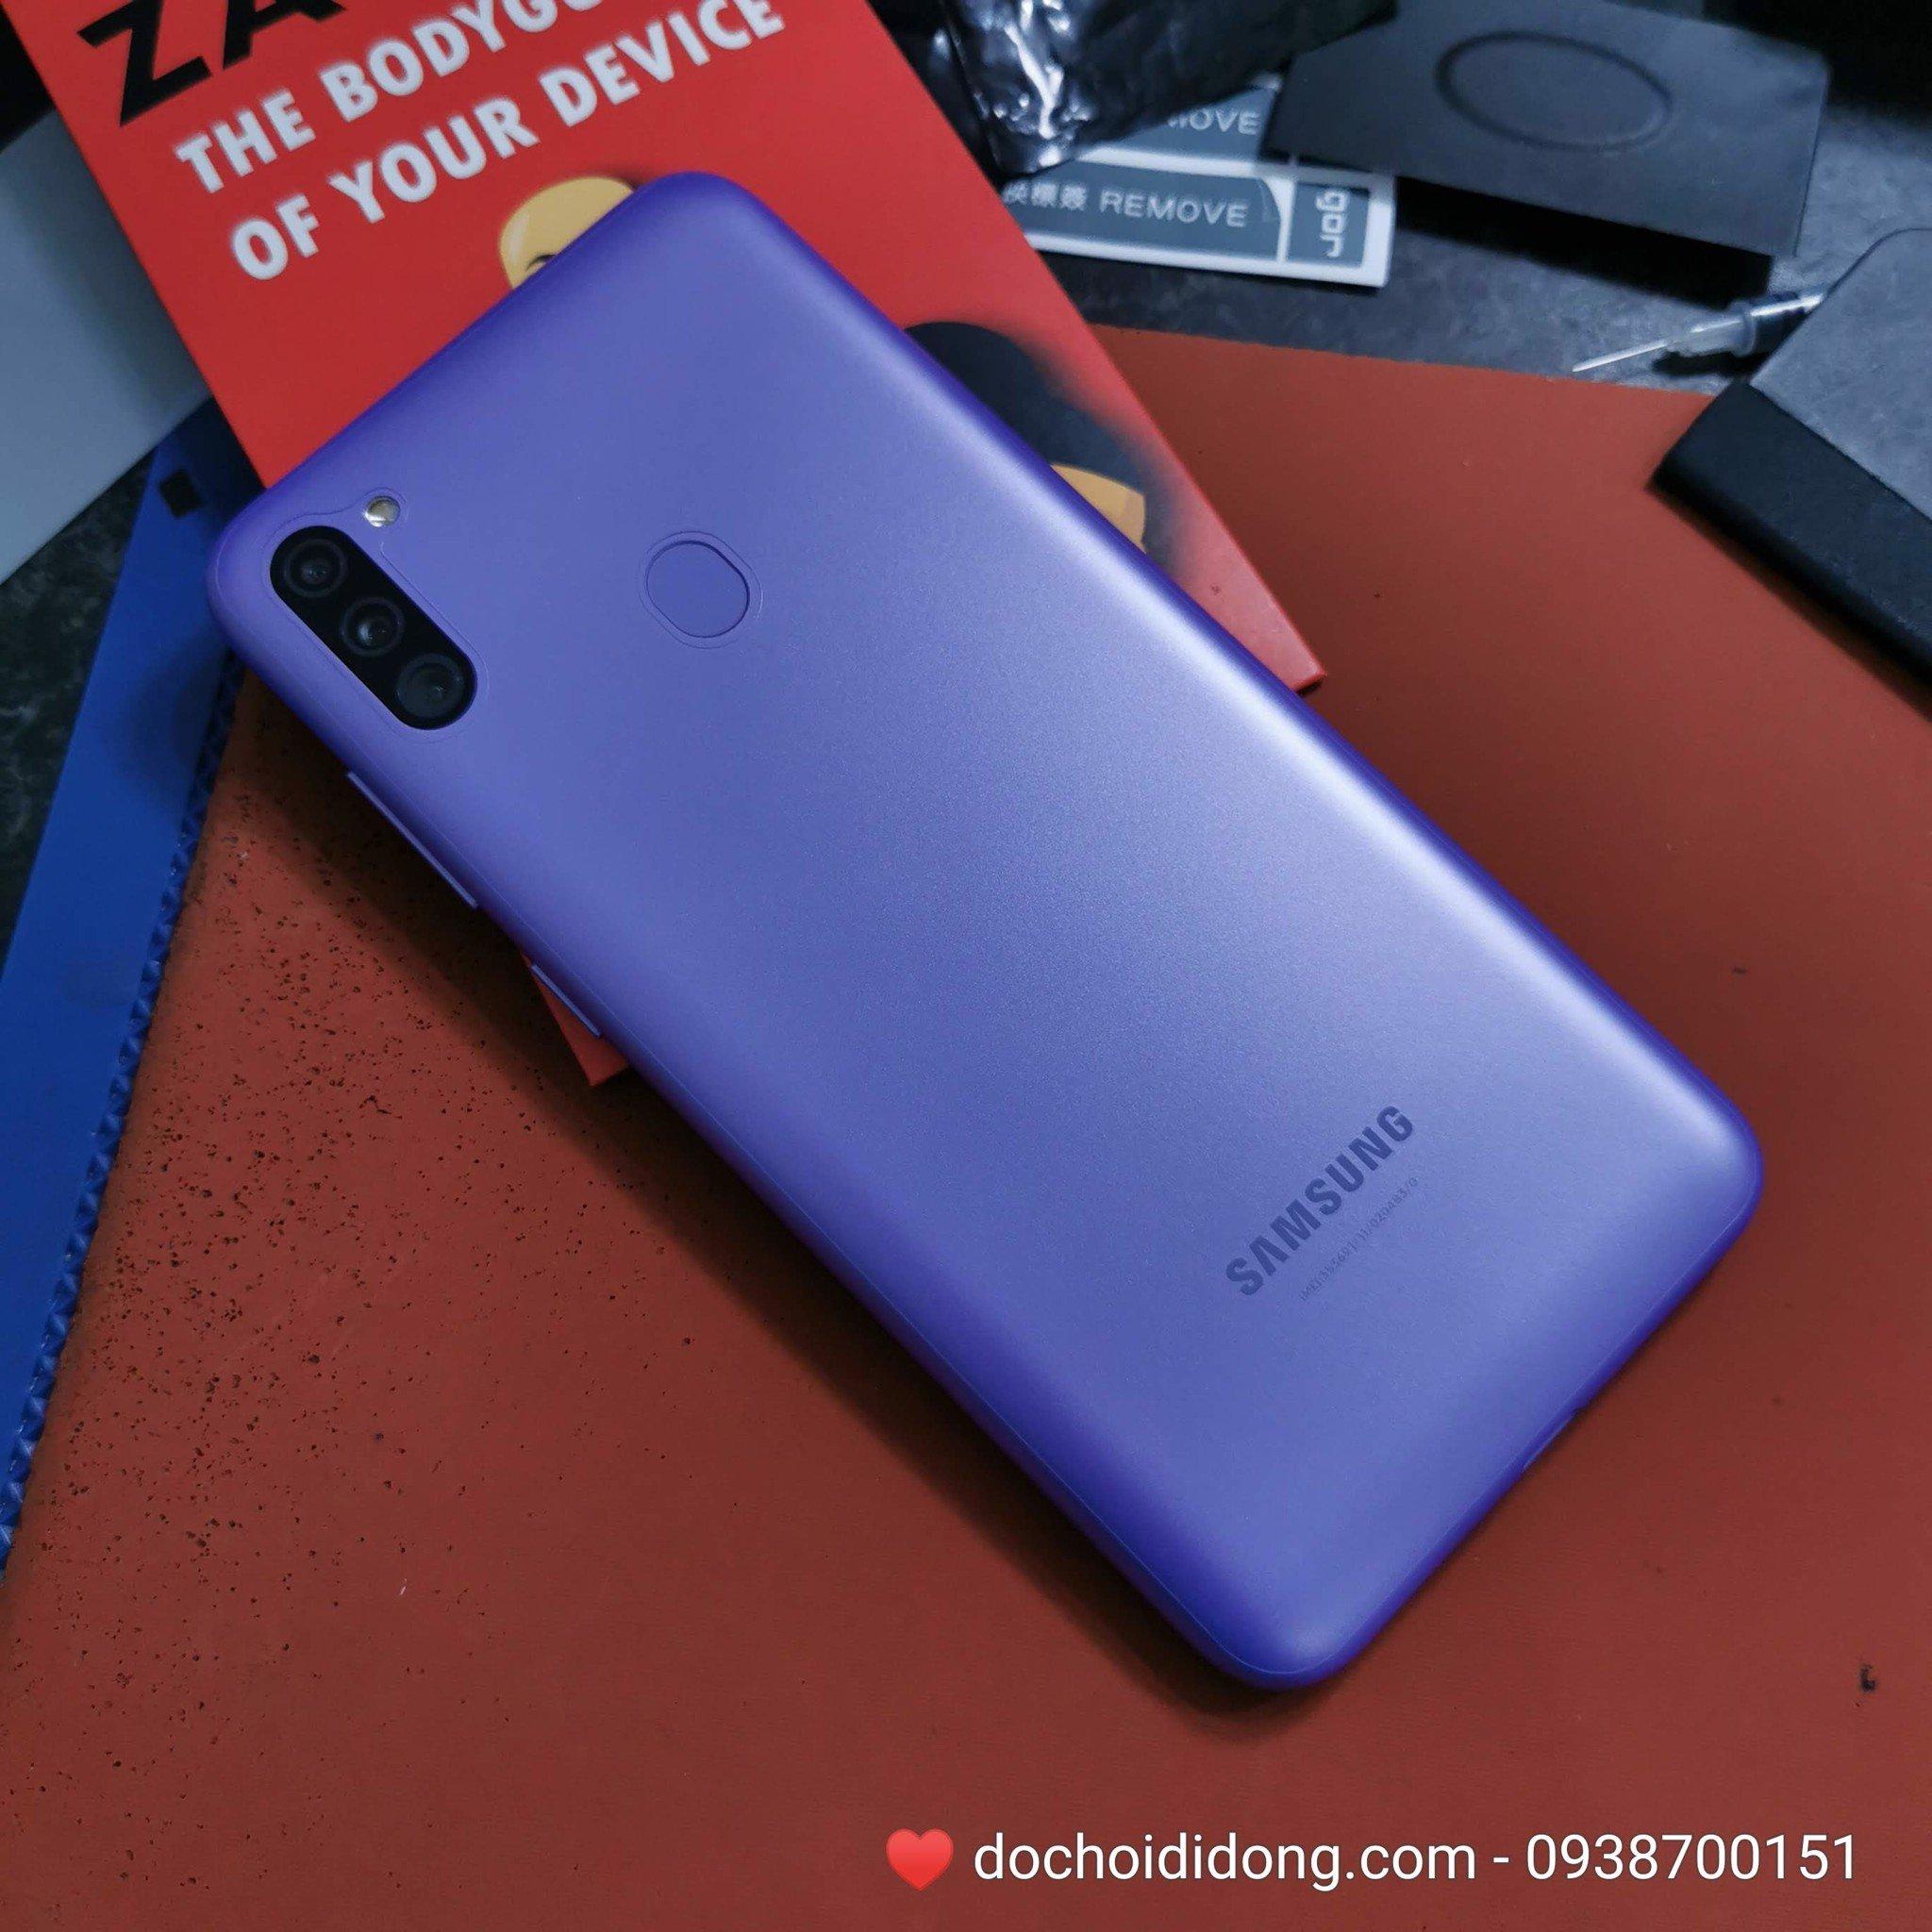 Miếng dán PPF Rock Samsung M11 trong, nhám, đổi màu cao cấp